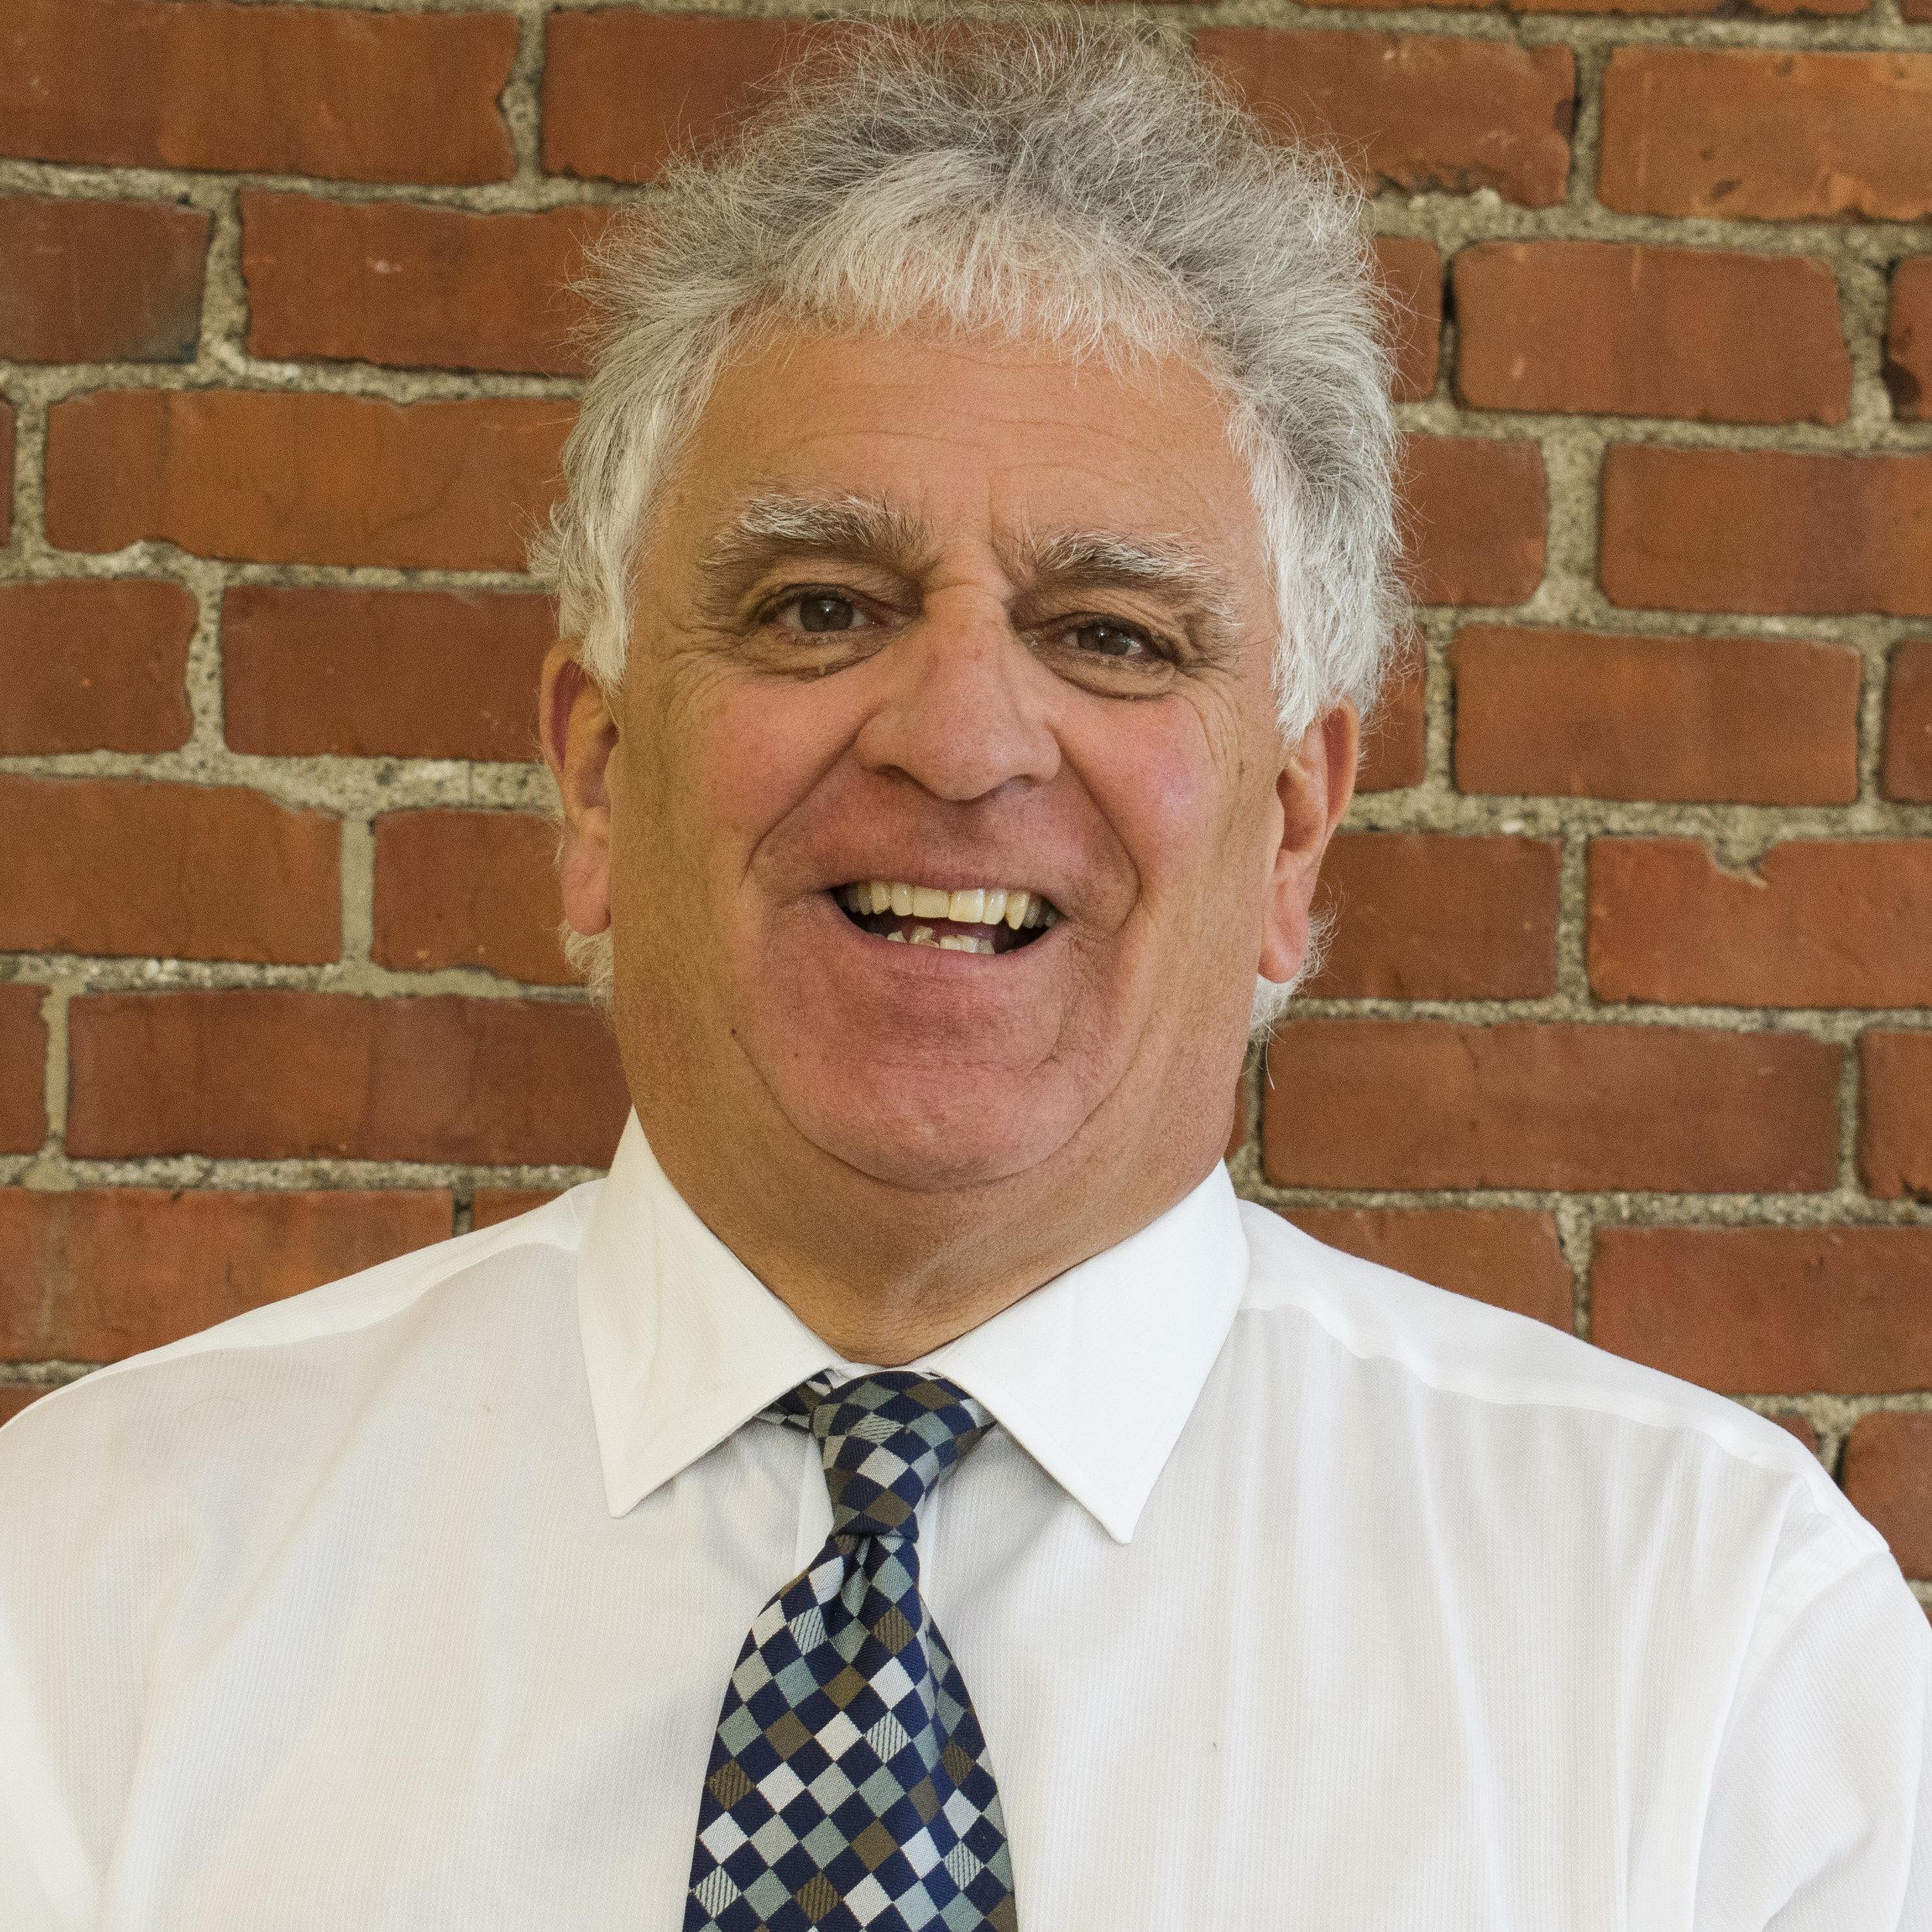 JIm Cassetta  - President and CEO jcassetta@workinc.org